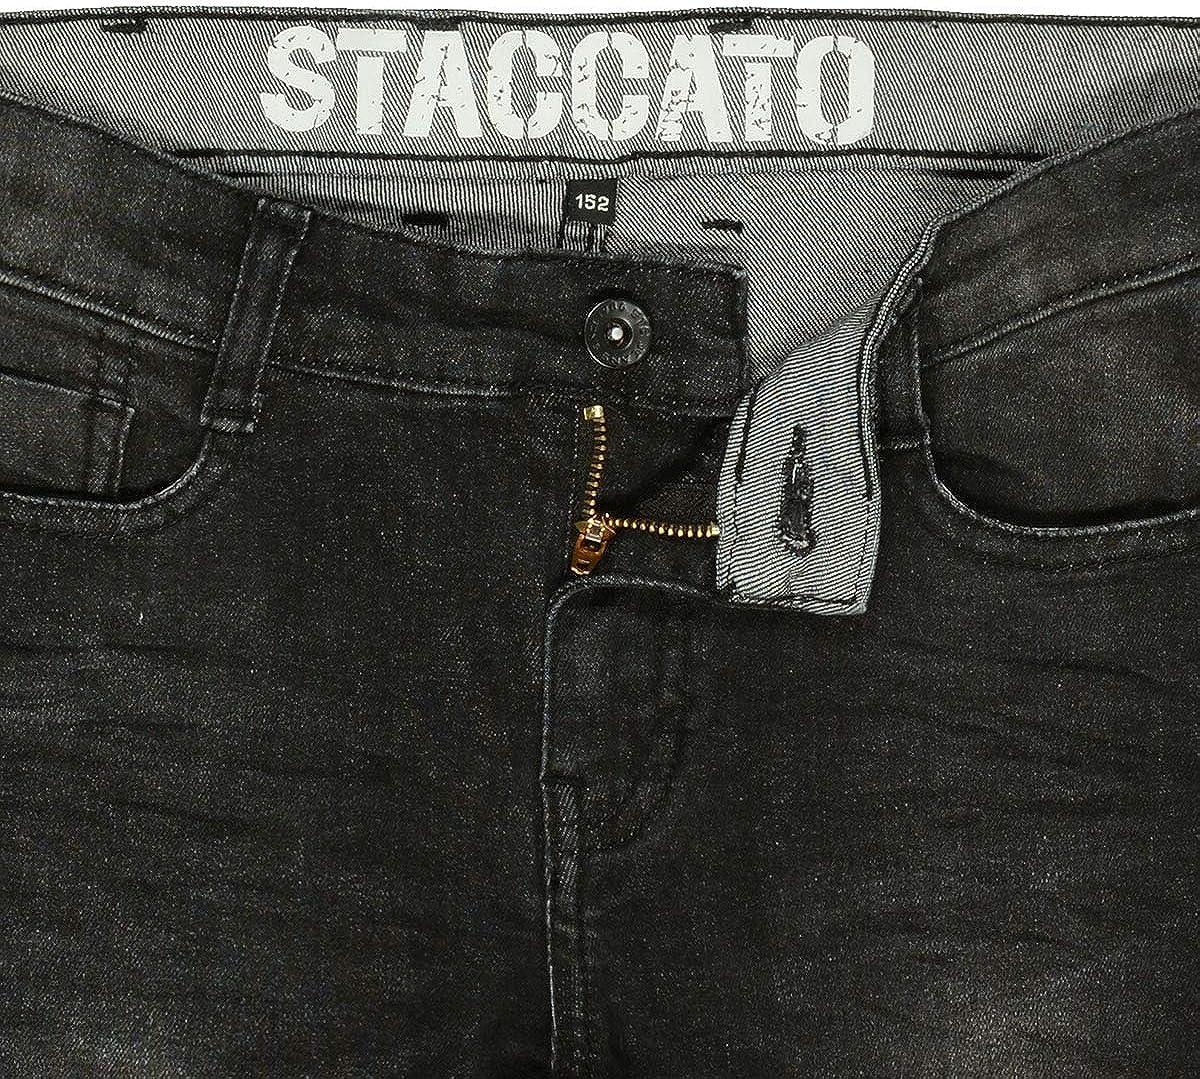 Ben Black Denim Staccato Jungen Skinny Jeans Regular Fit